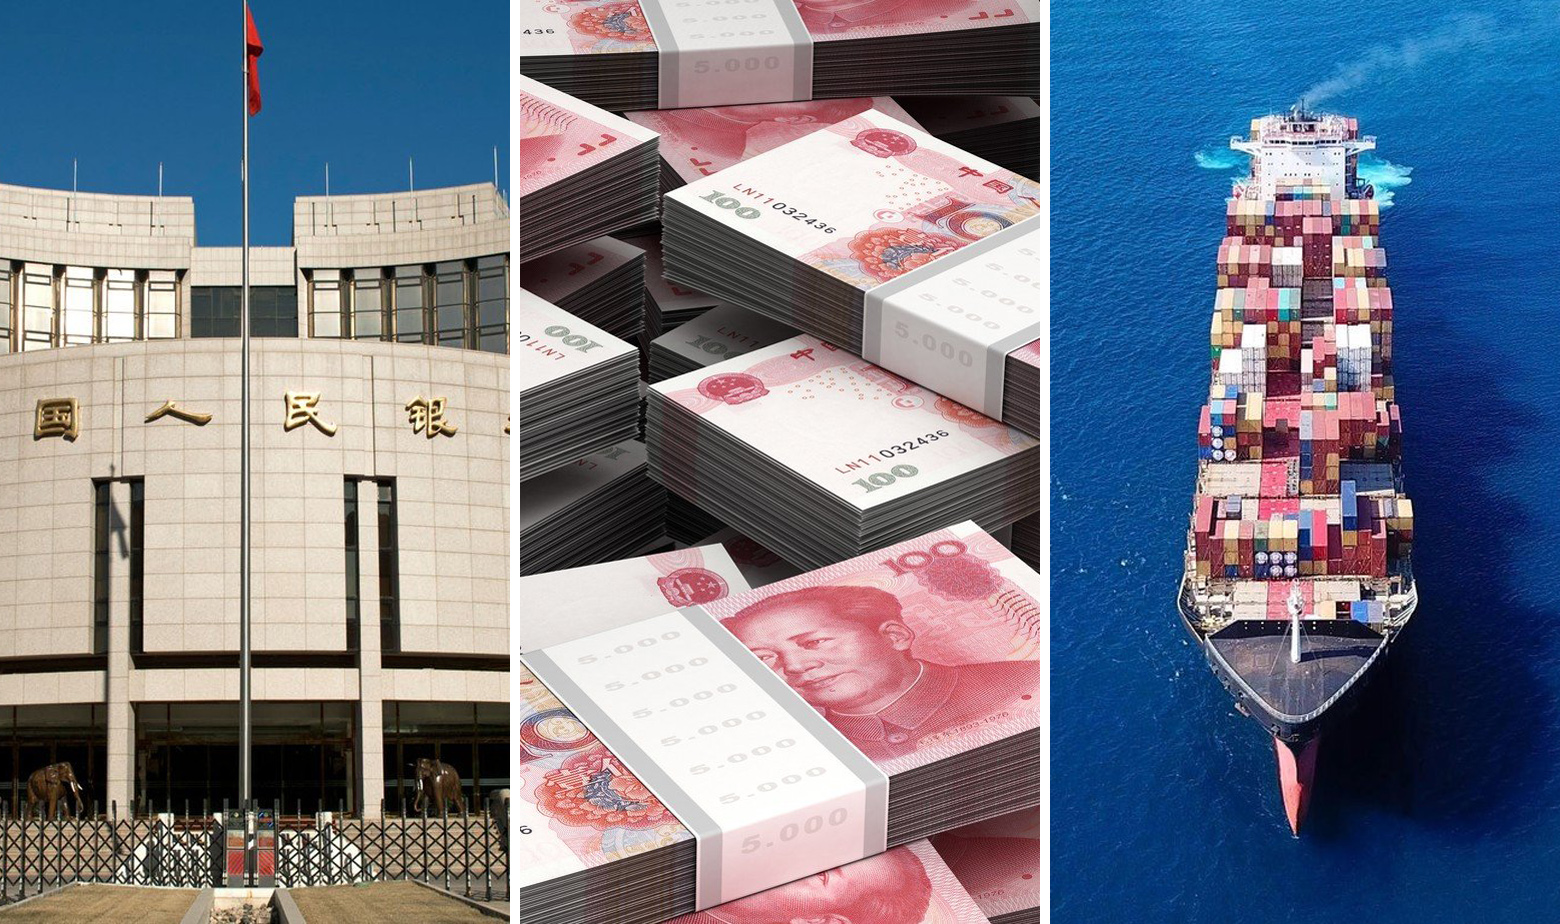 Ilustracija - Kineska narodna banka, novčanice juana i teretni brod